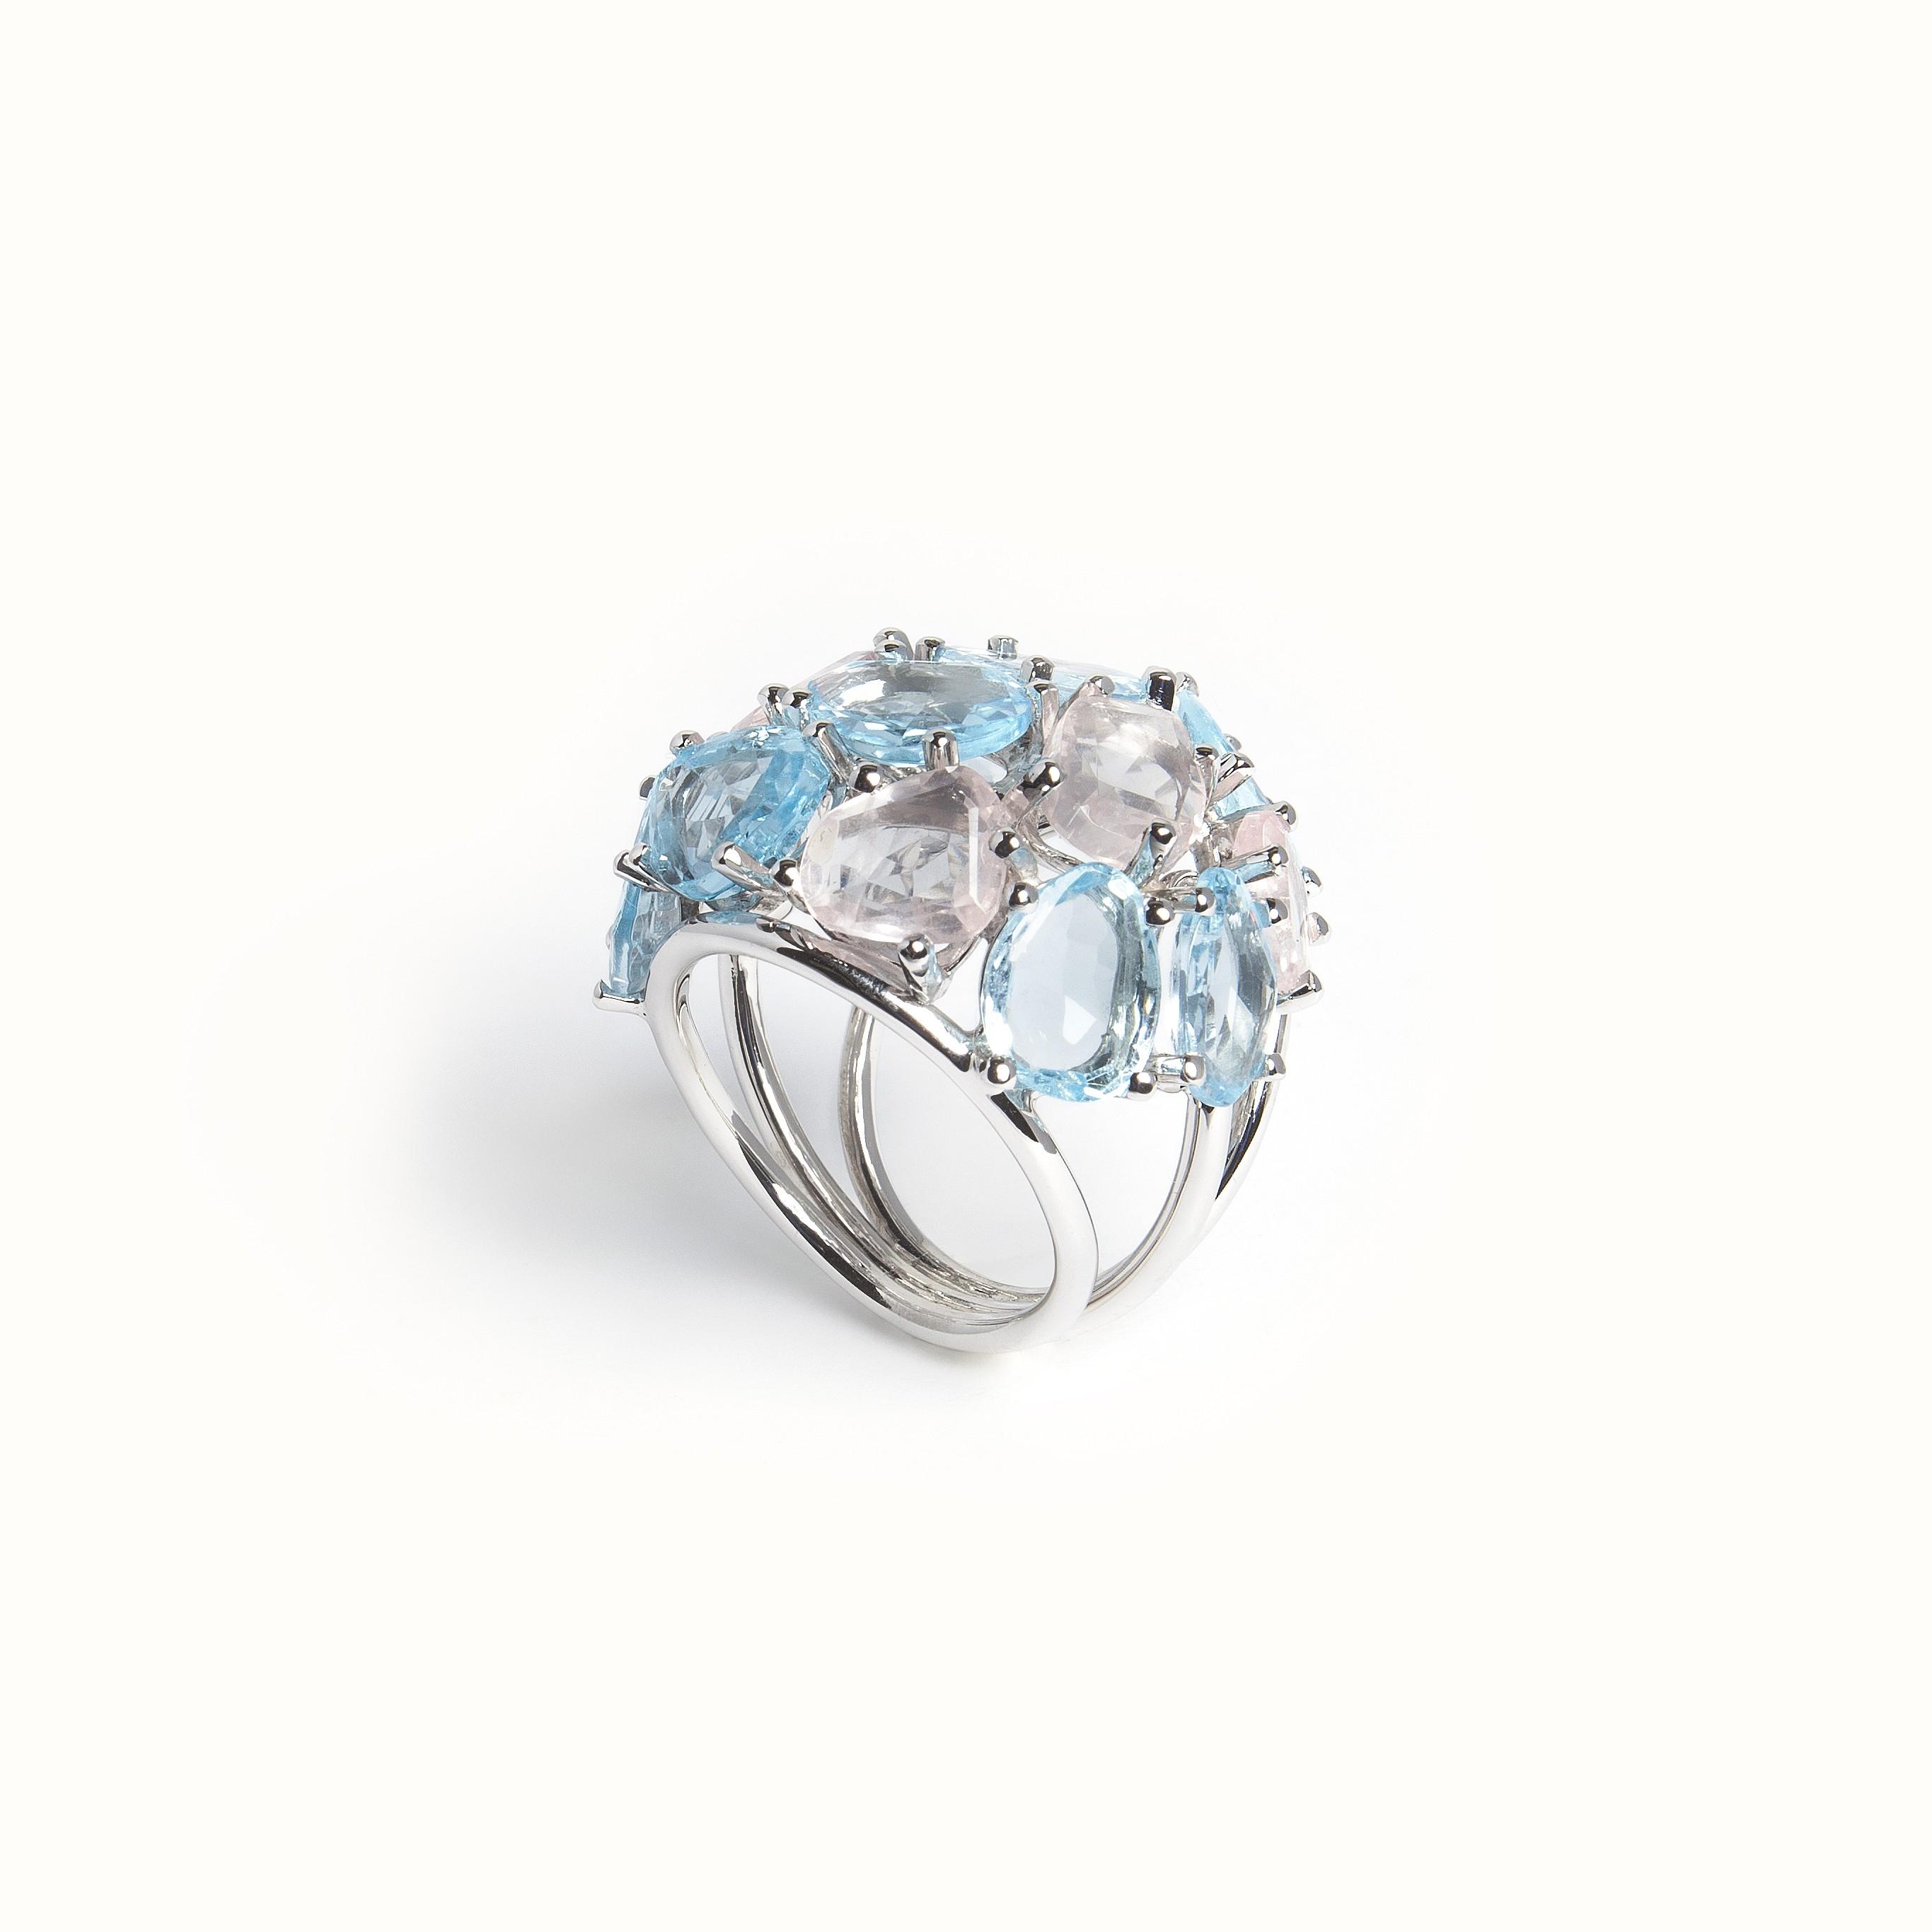 Gold Ring With Aqua Marine and Rose Quartz